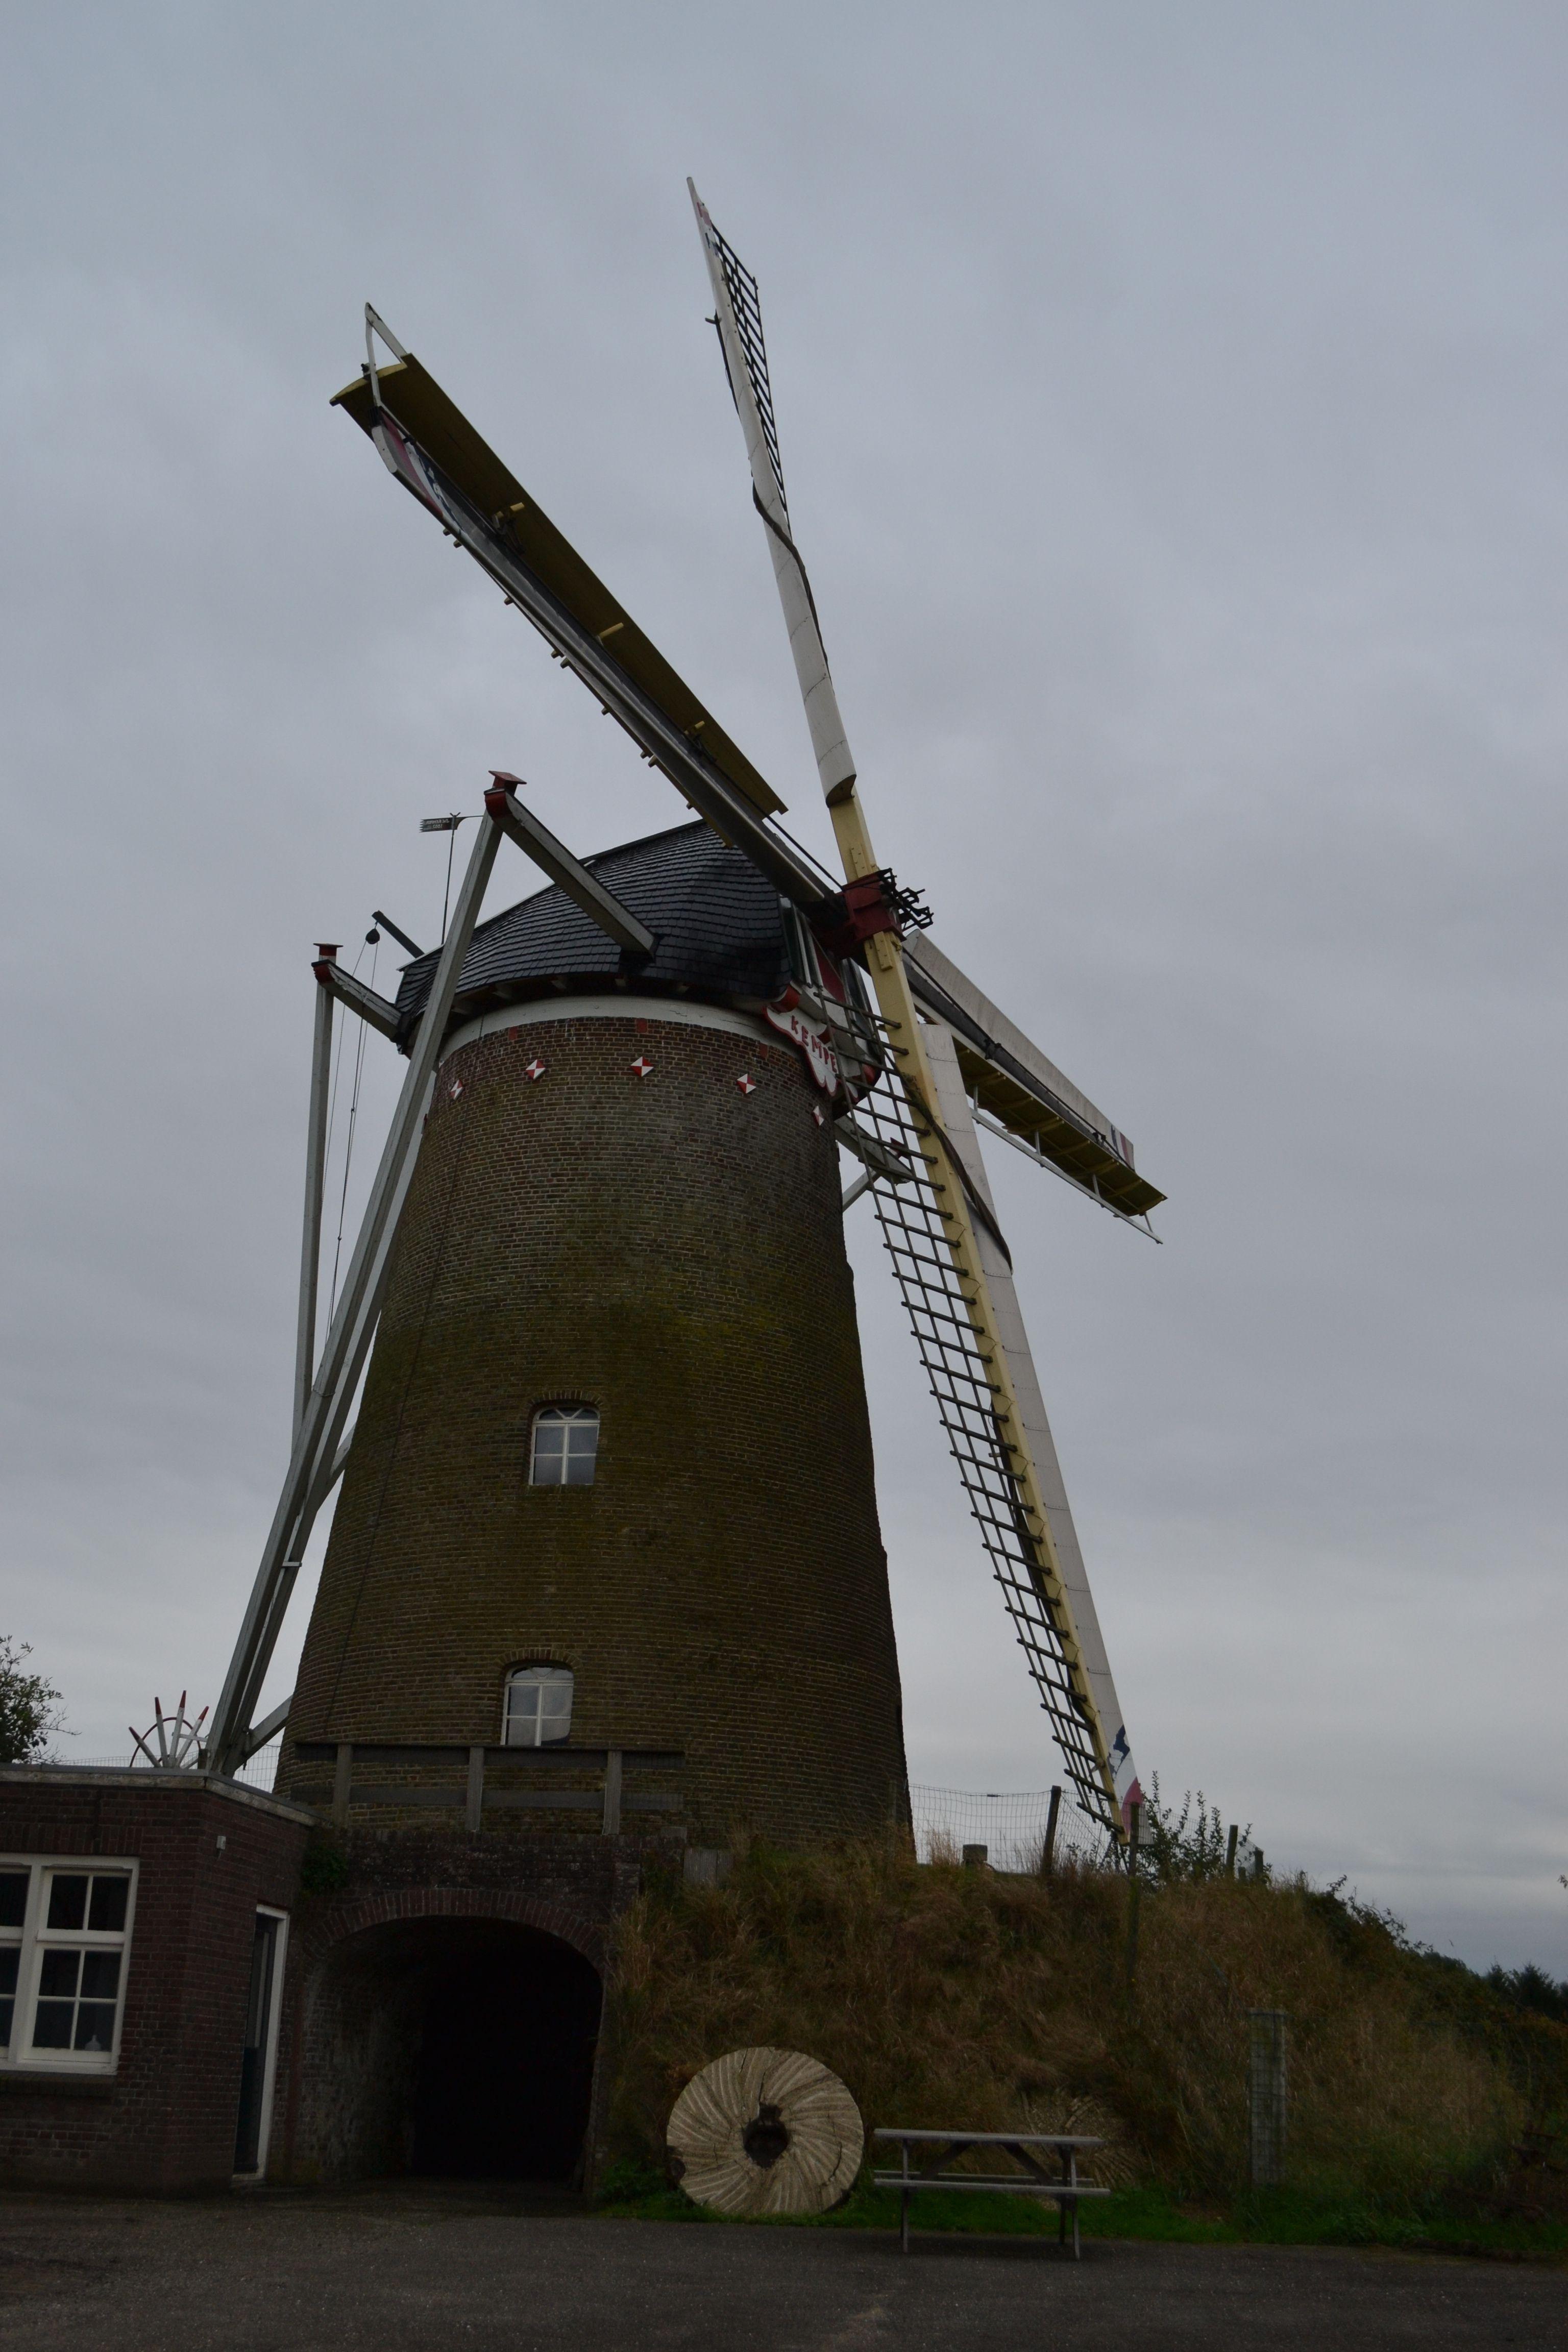 A windmill located between Gendingen and Aalten in the Netherlands.